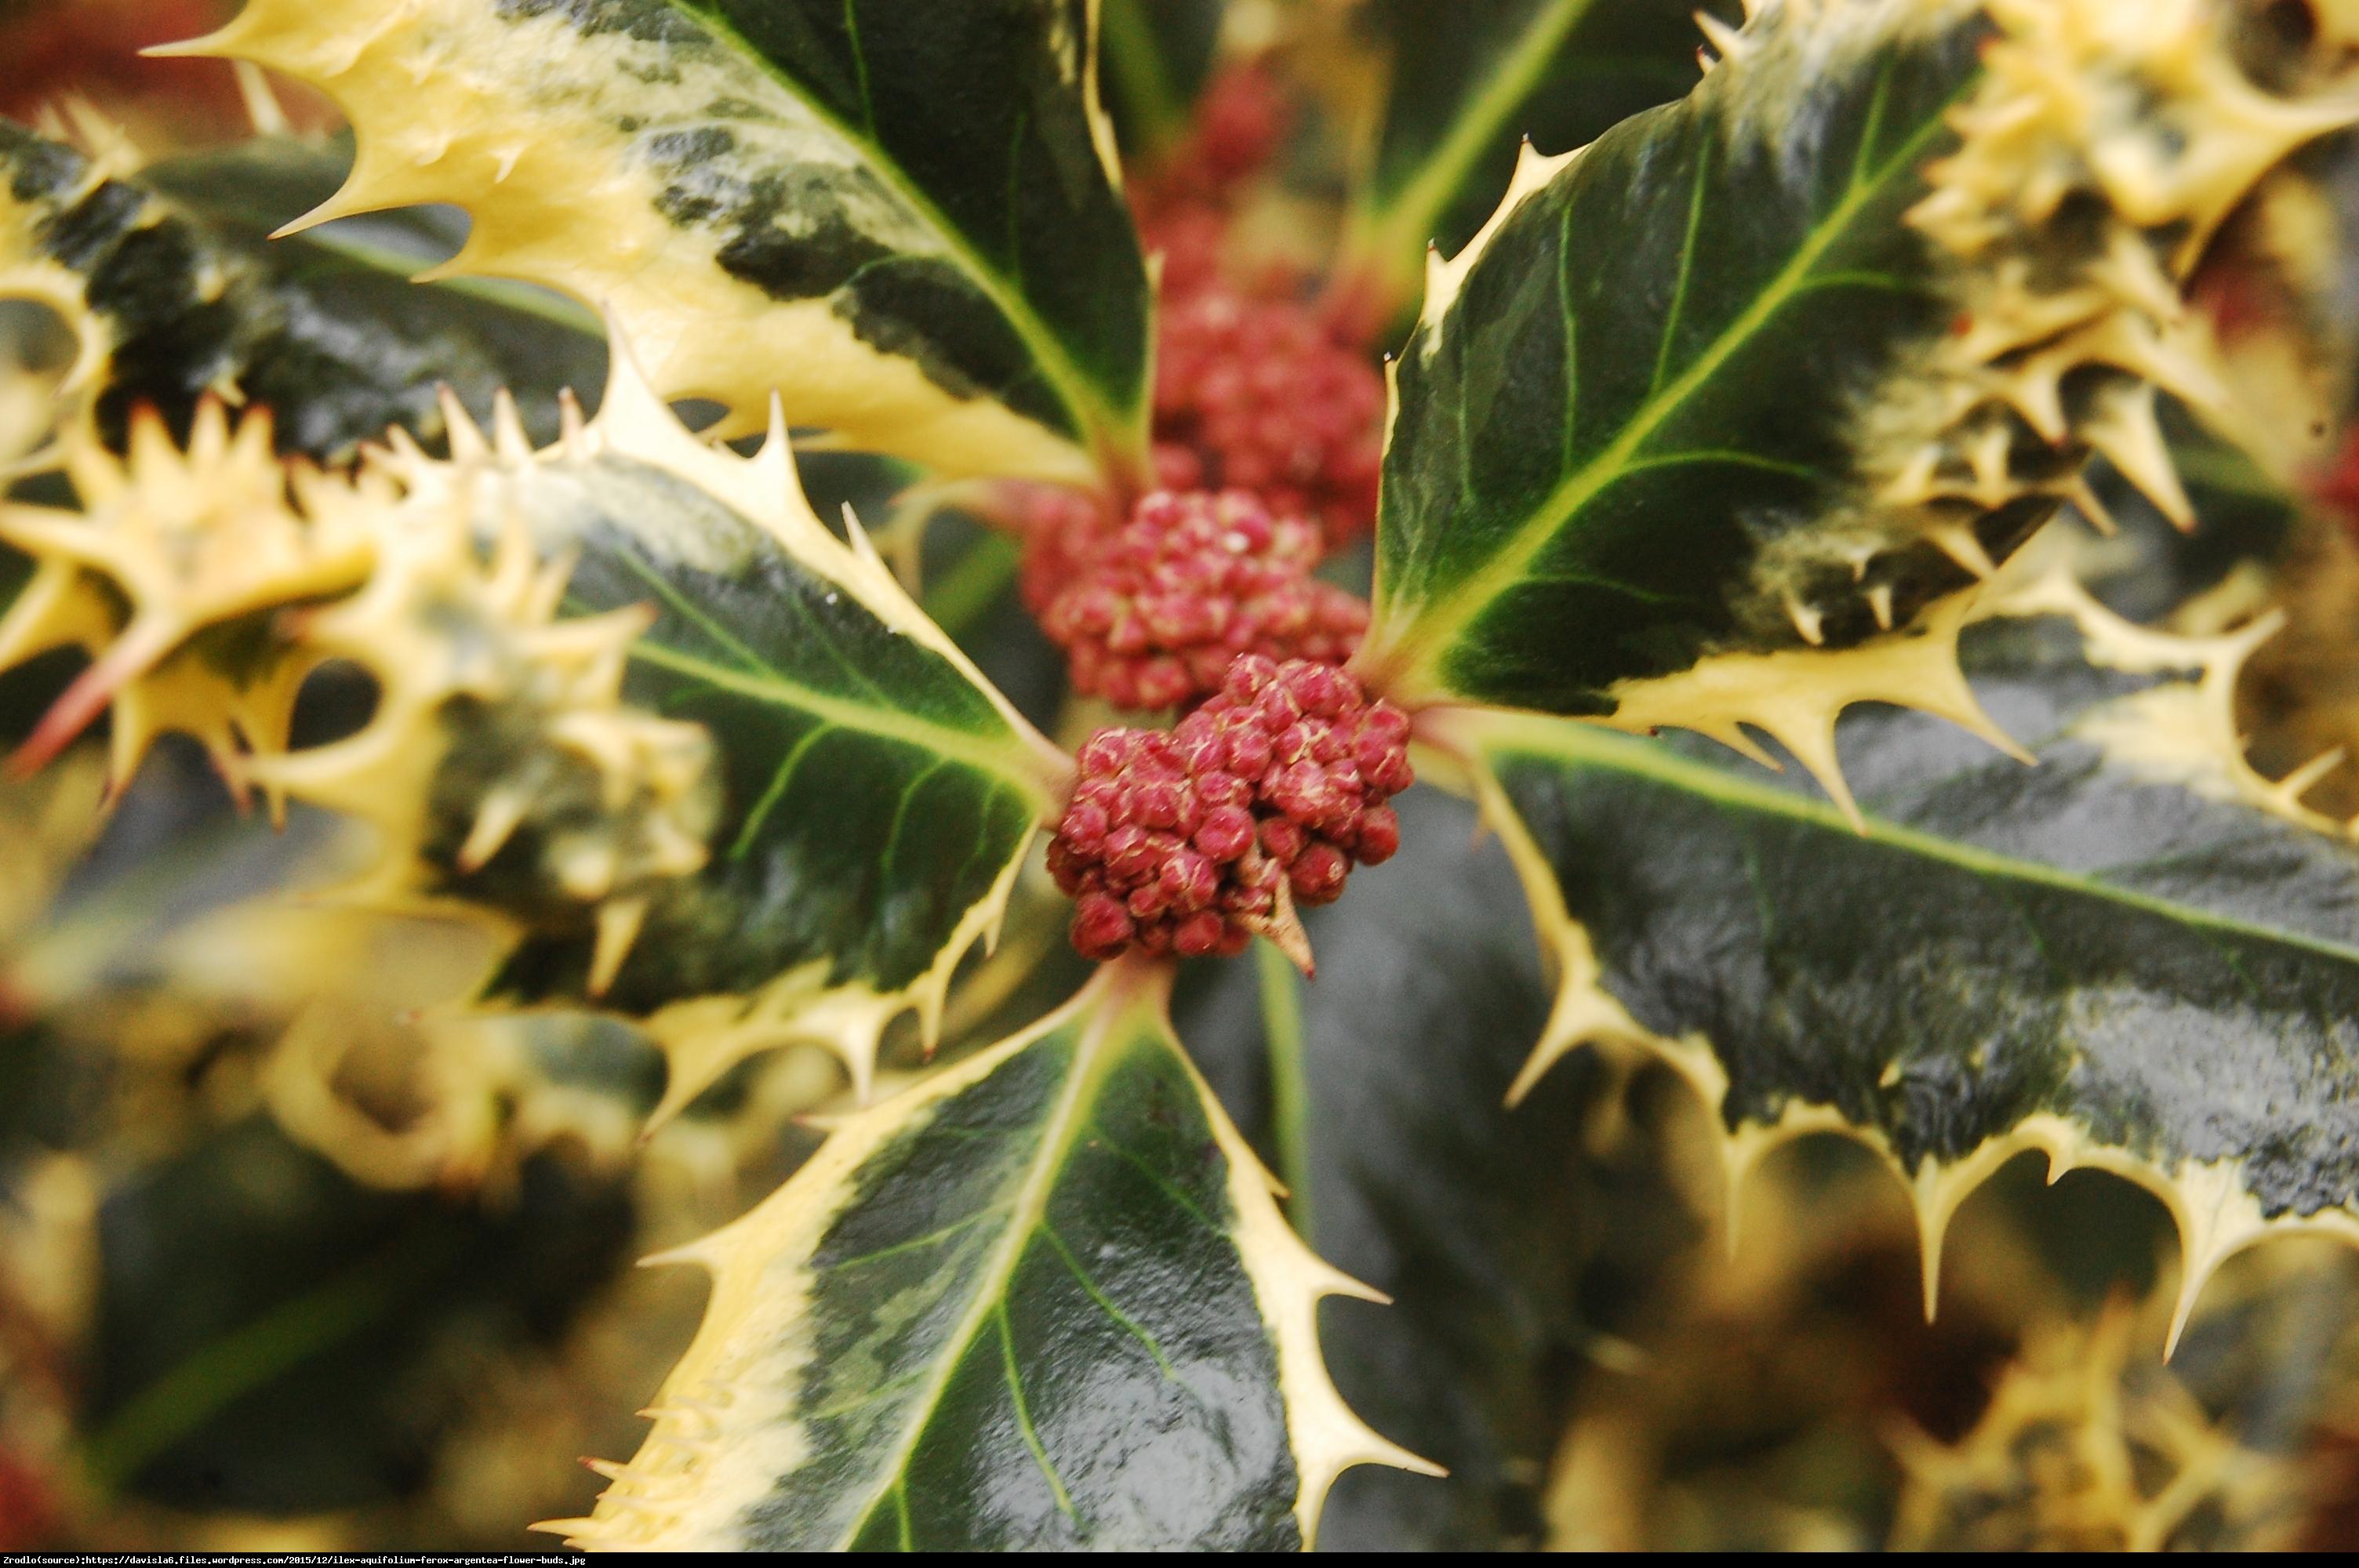 Ostrokrzew kolczasty Ferox Argentea Męski - Ilex aquifolium Ferox Argentea